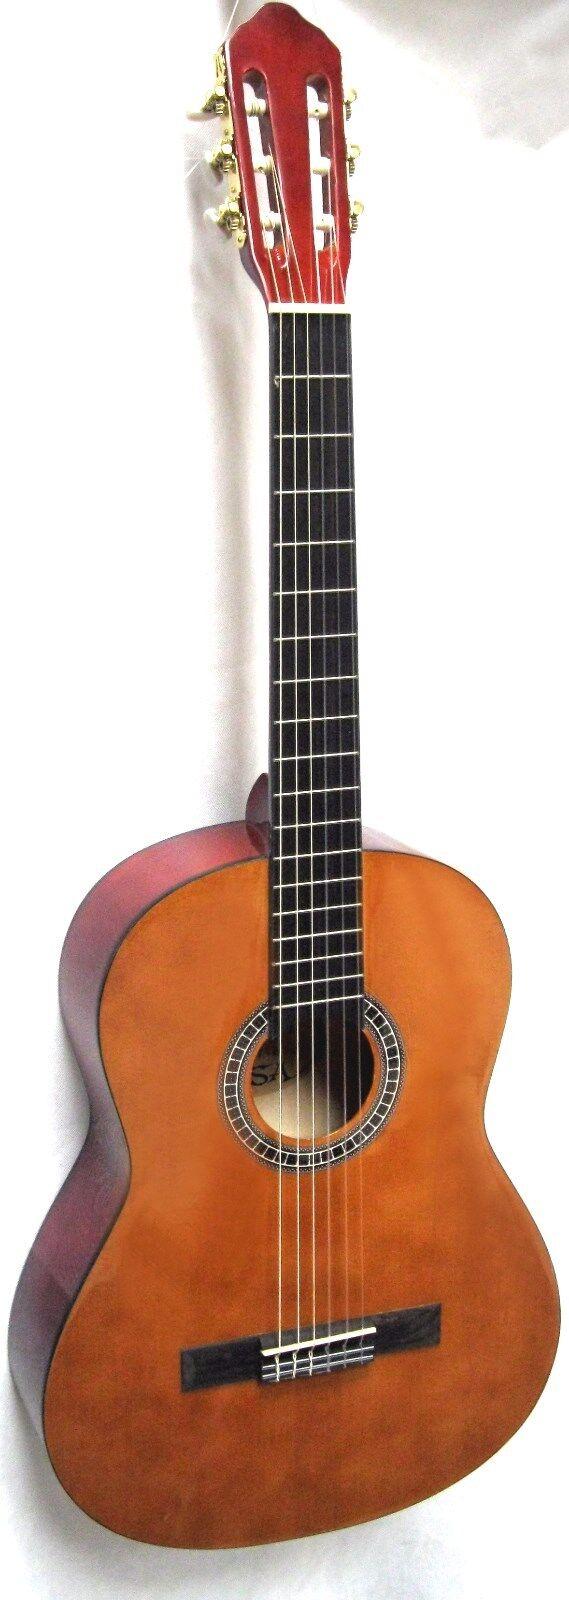 Concierto de de de guitarra, inexperto, al precio de ganga, alto brillo pulido, naturaleza, ck116 a623c1